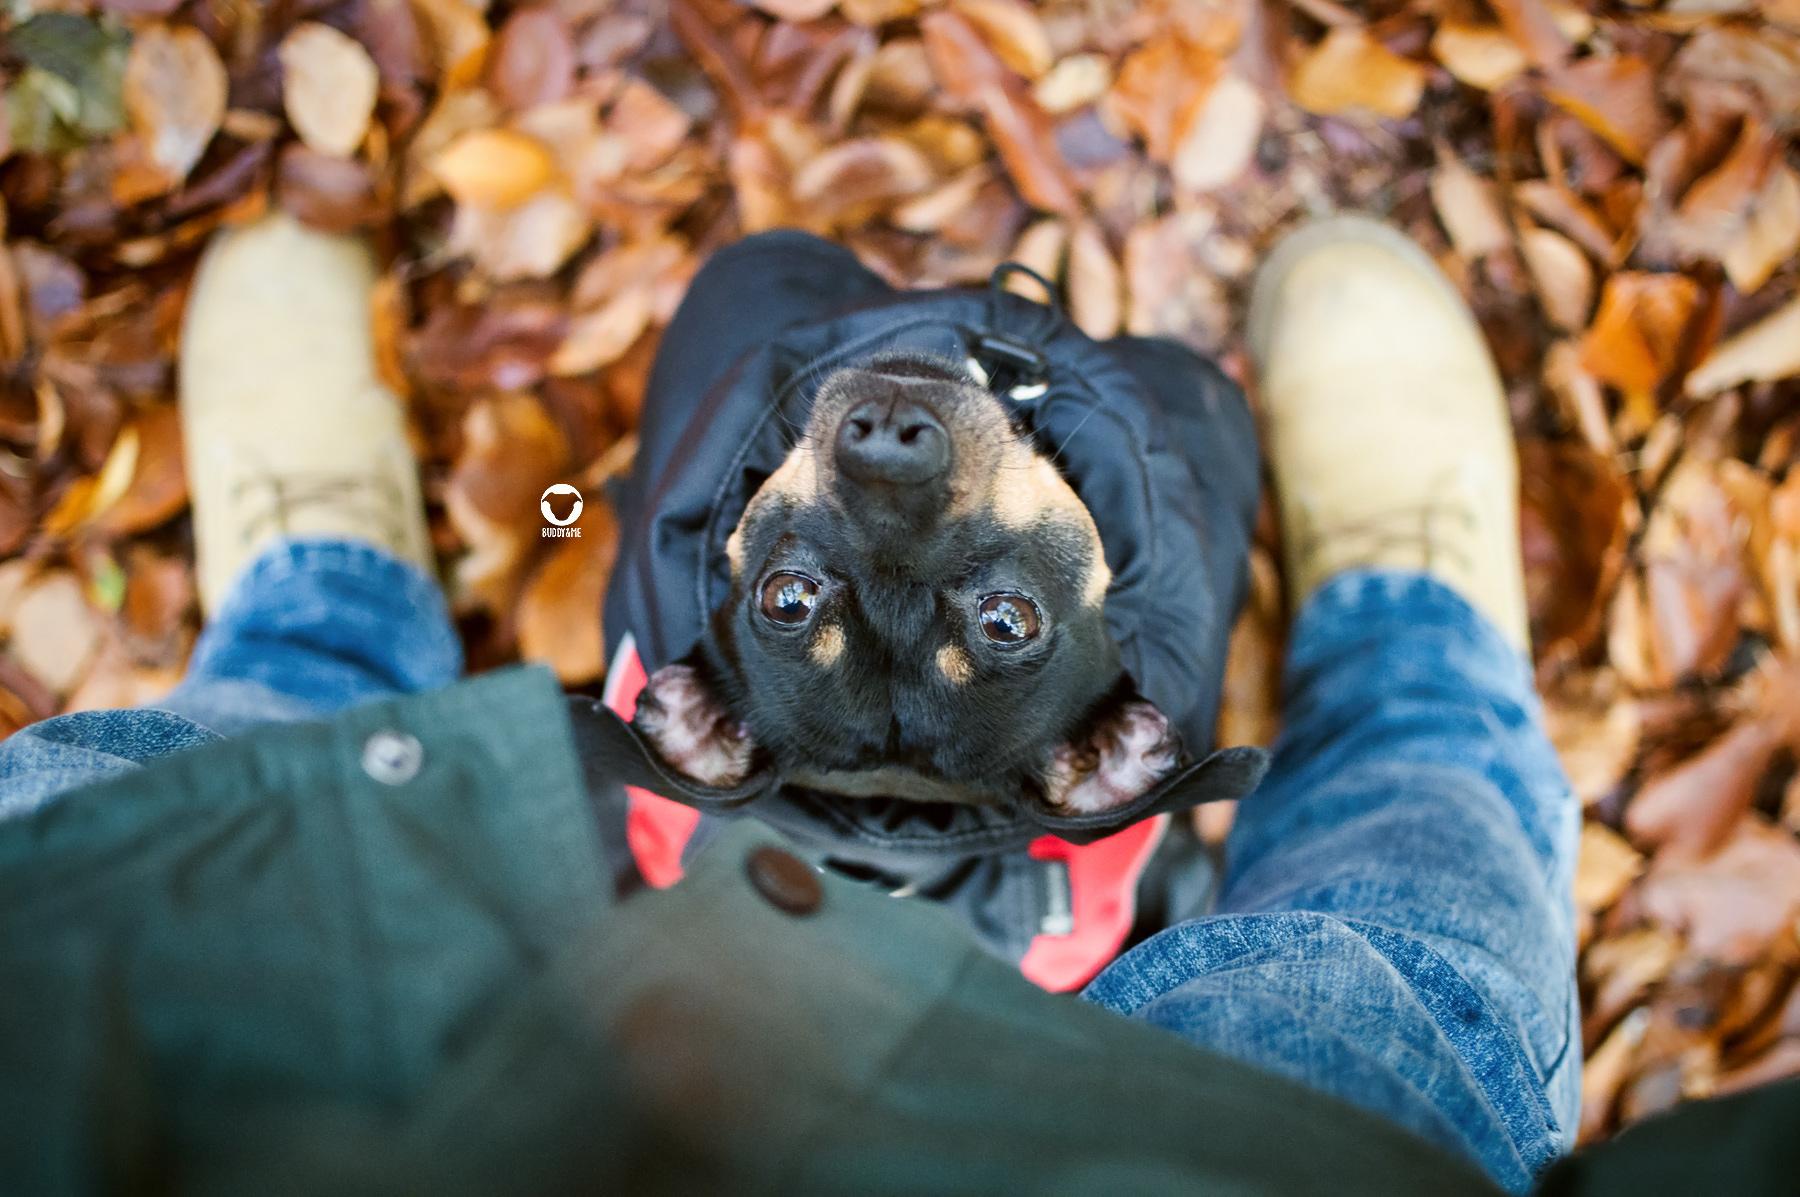 Pinscher Buddy, Buddy and Me, Hundeblog, Dogblog, Ruhrgebiet, Herbst, Herbstzeit, November, Wald, Spaziergang